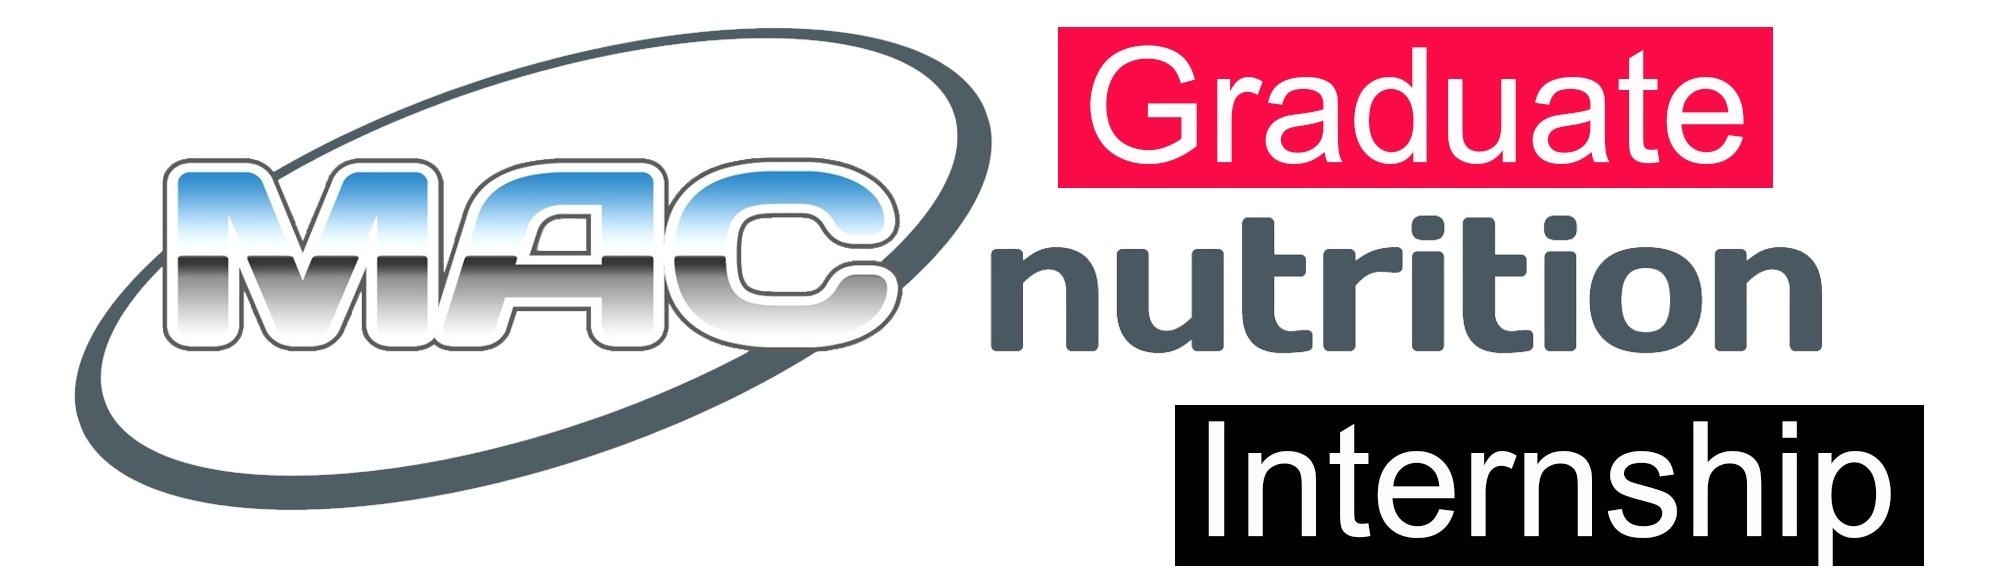 Graduate Nutrition Internships Job